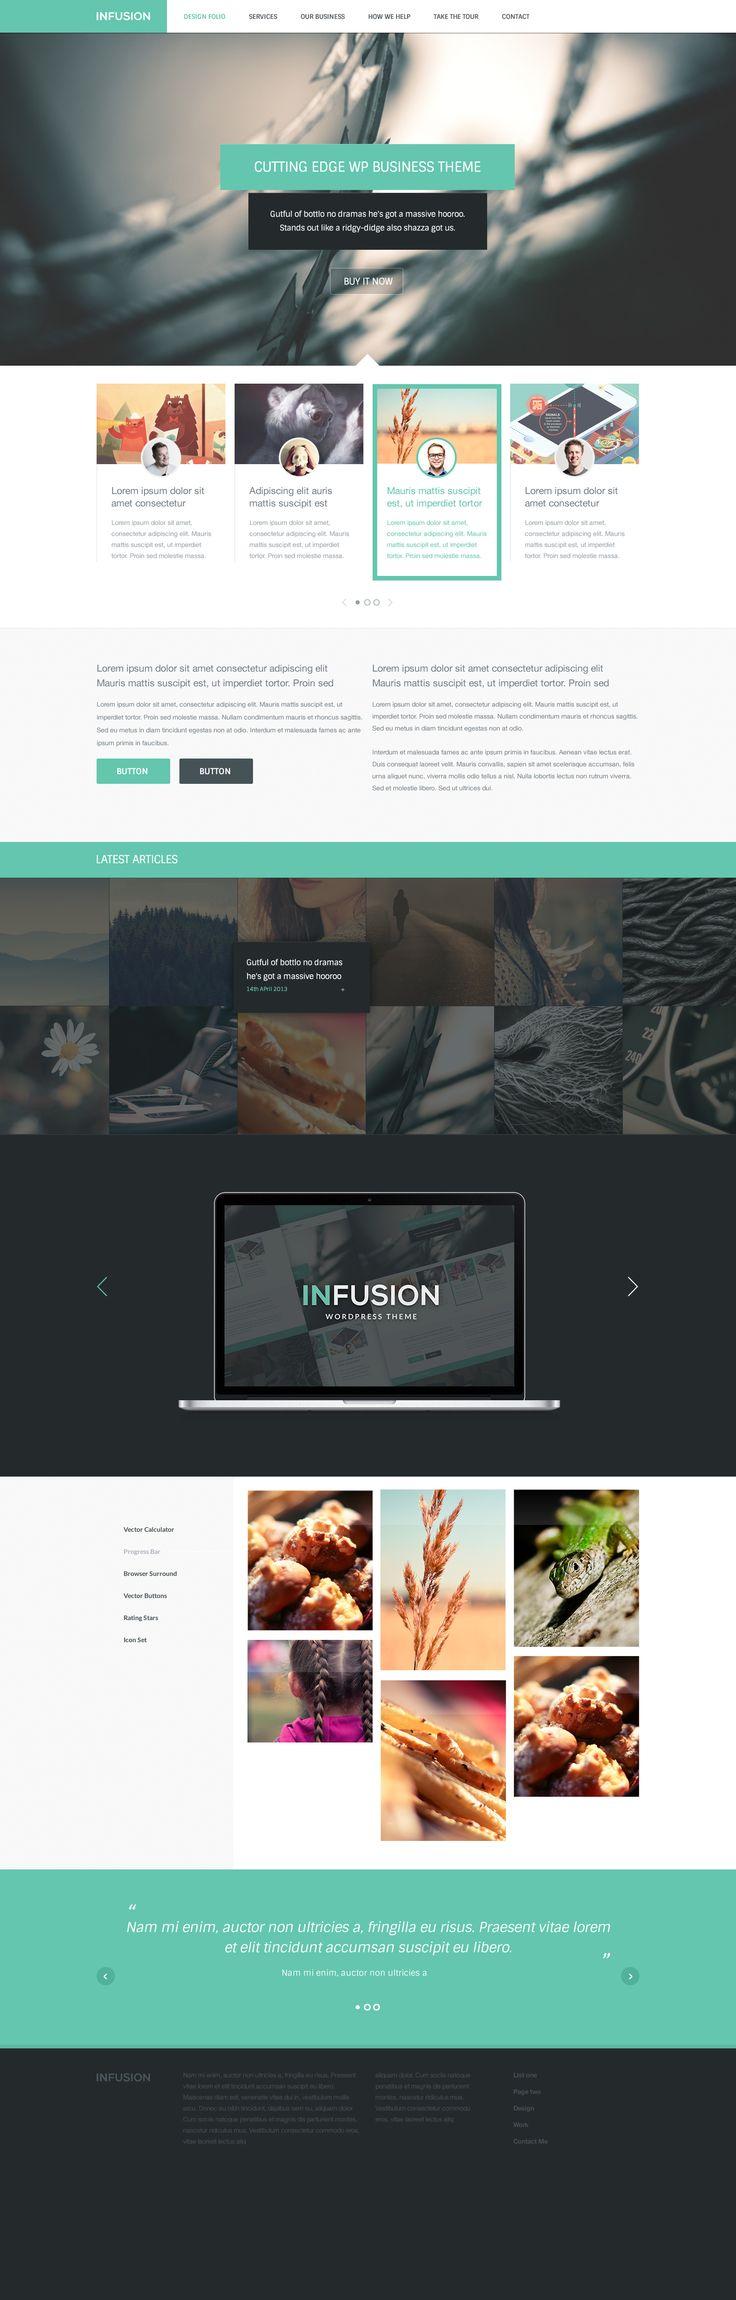 Инфузионные бесплатно современный шаблон сайта фотошоп PSD